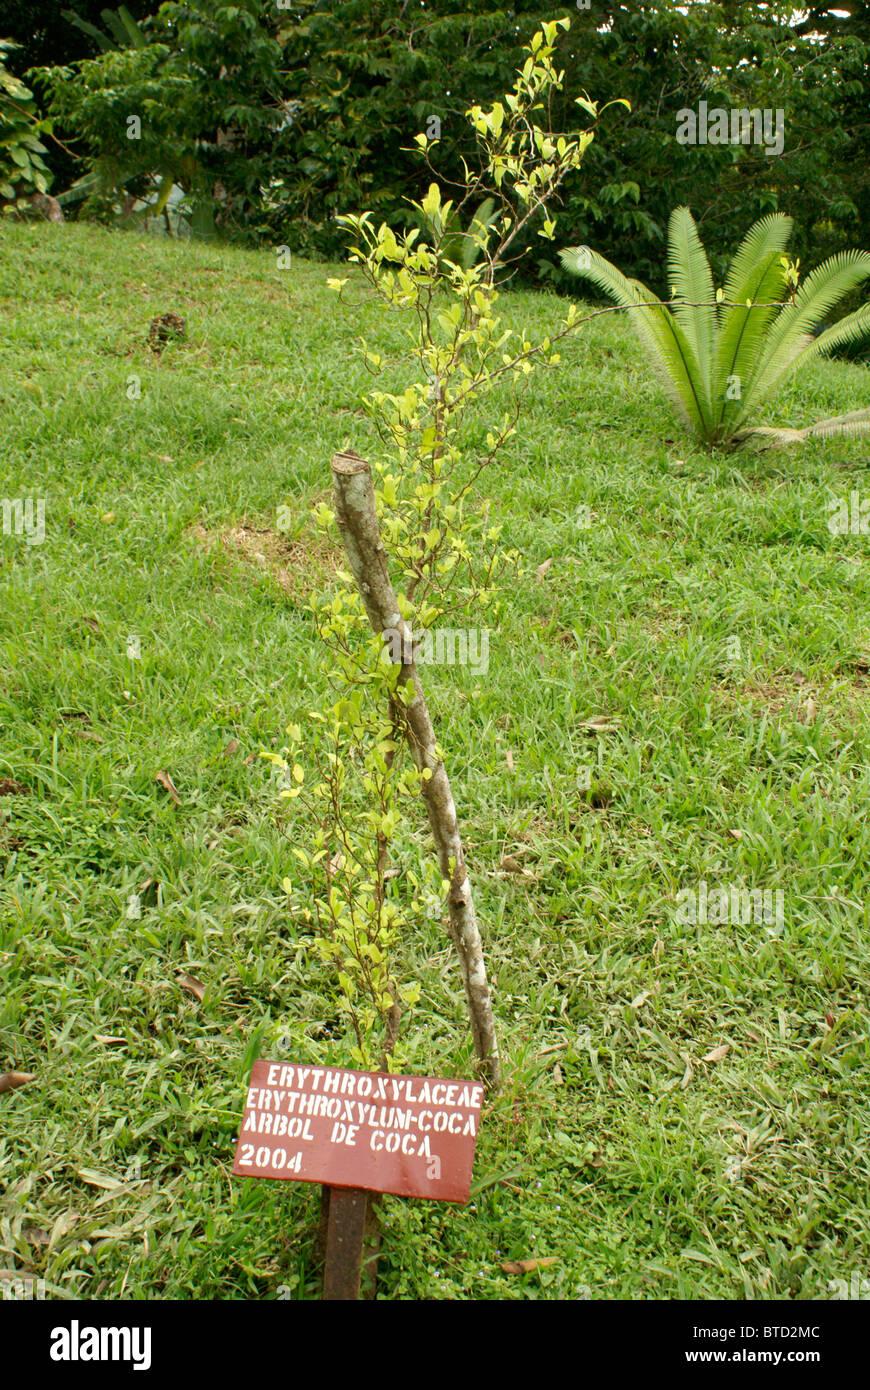 Planta de coca desde que se elabora la cocaína, el Jardín Botánico de Lancetilla, Honduras. Imagen De Stock